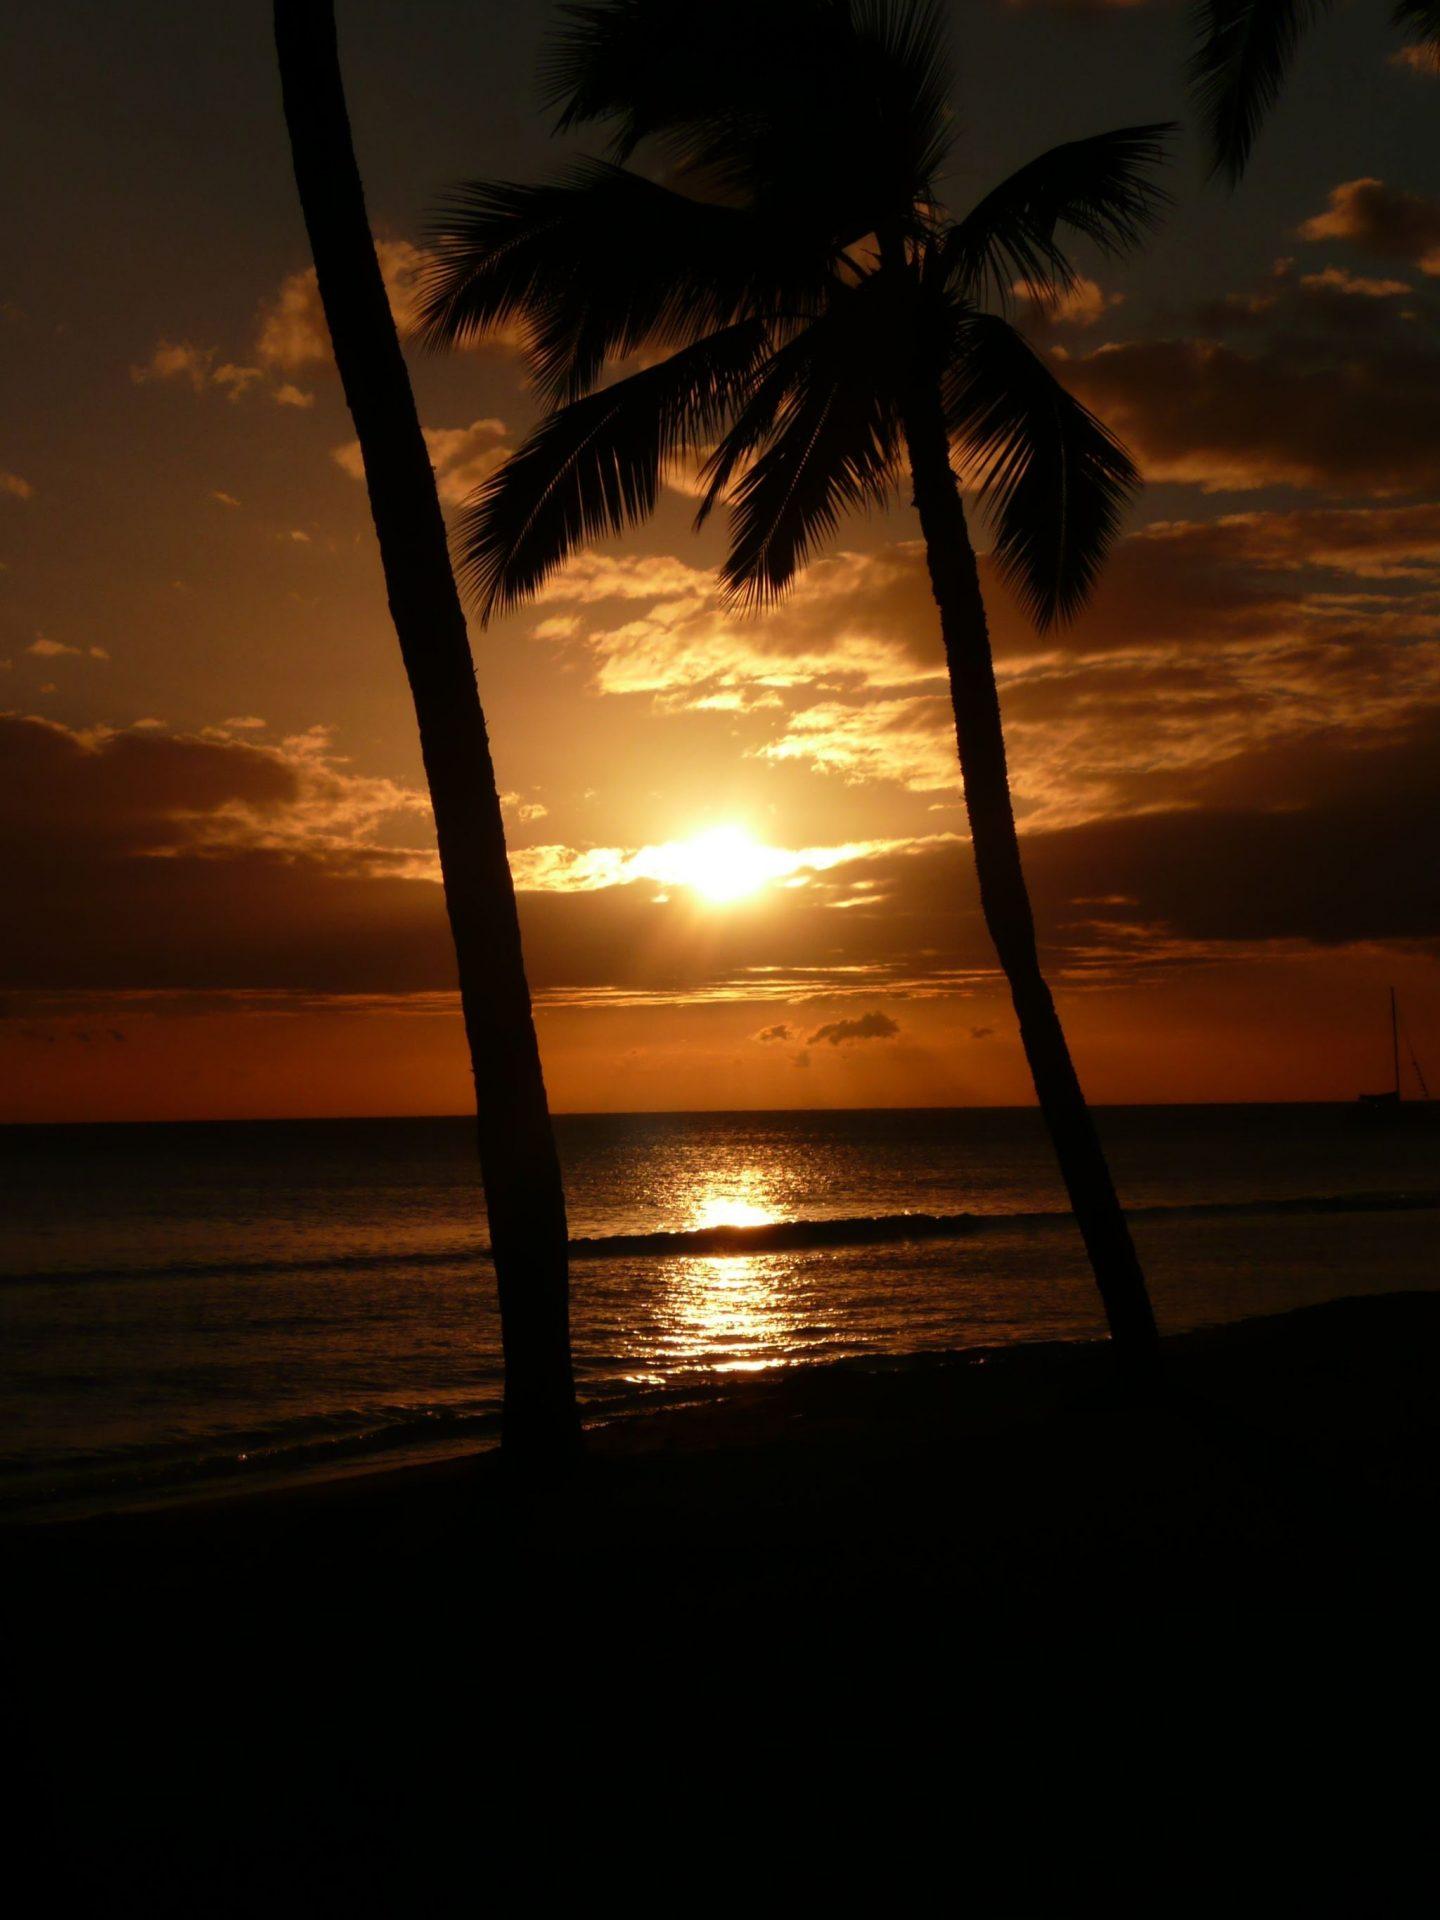 Sunset on Maui, Hawaii